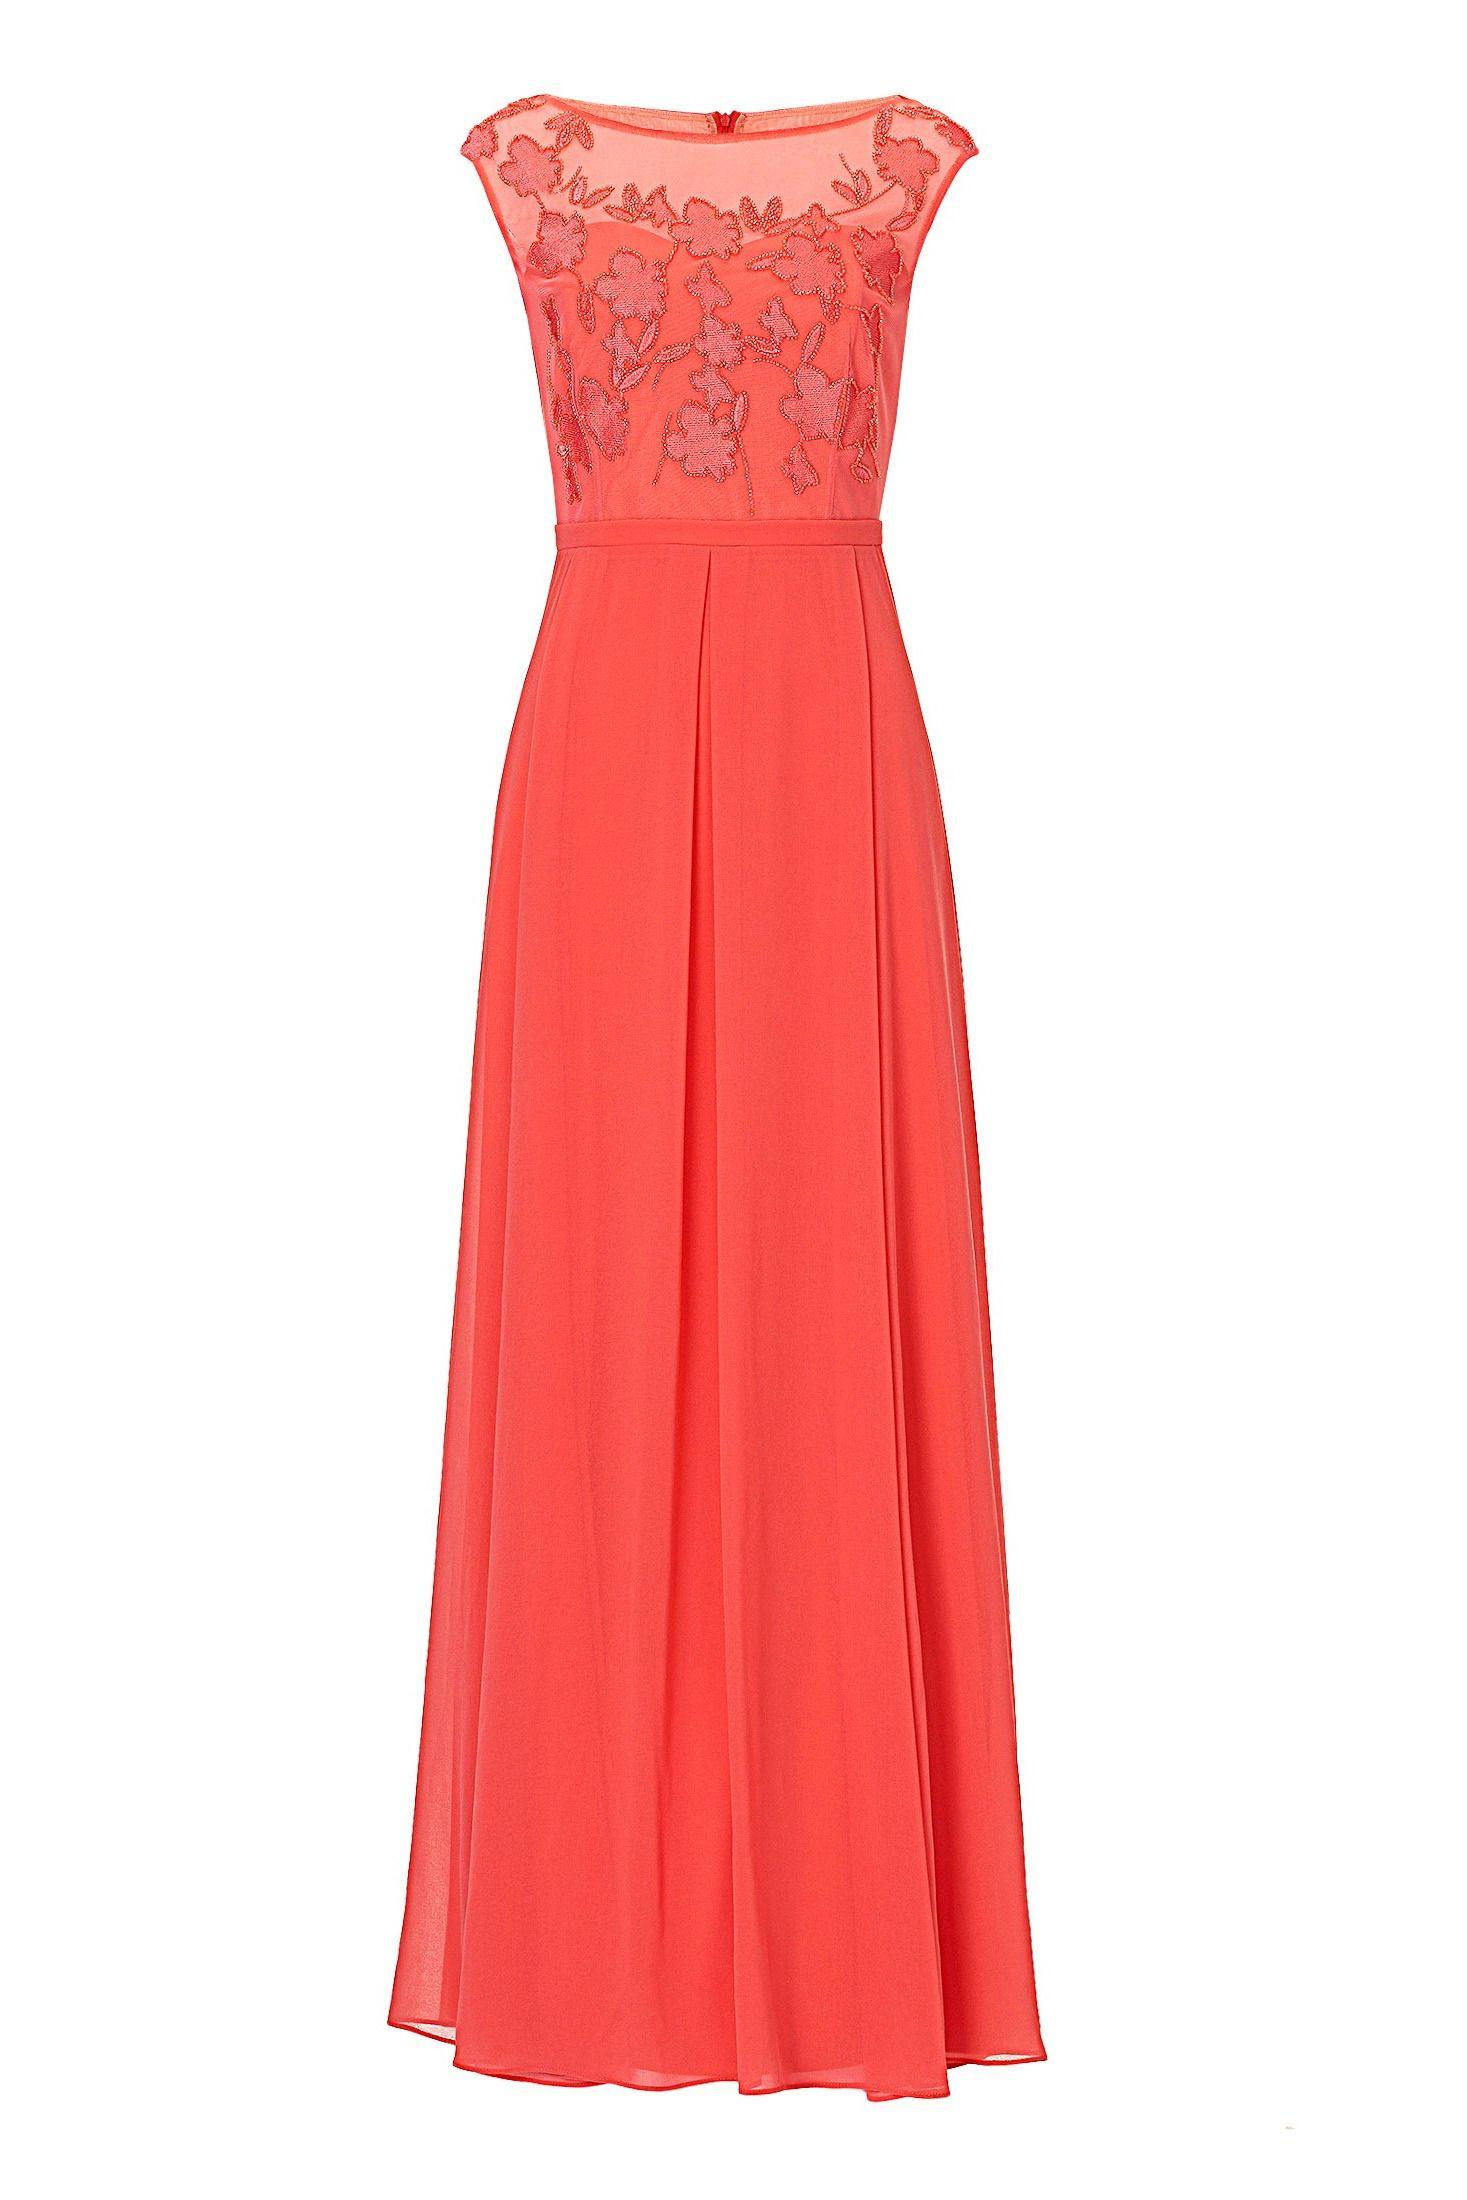 13 Wunderbar Abendkleid Koralle SpezialgebietAbend Einfach Abendkleid Koralle Design